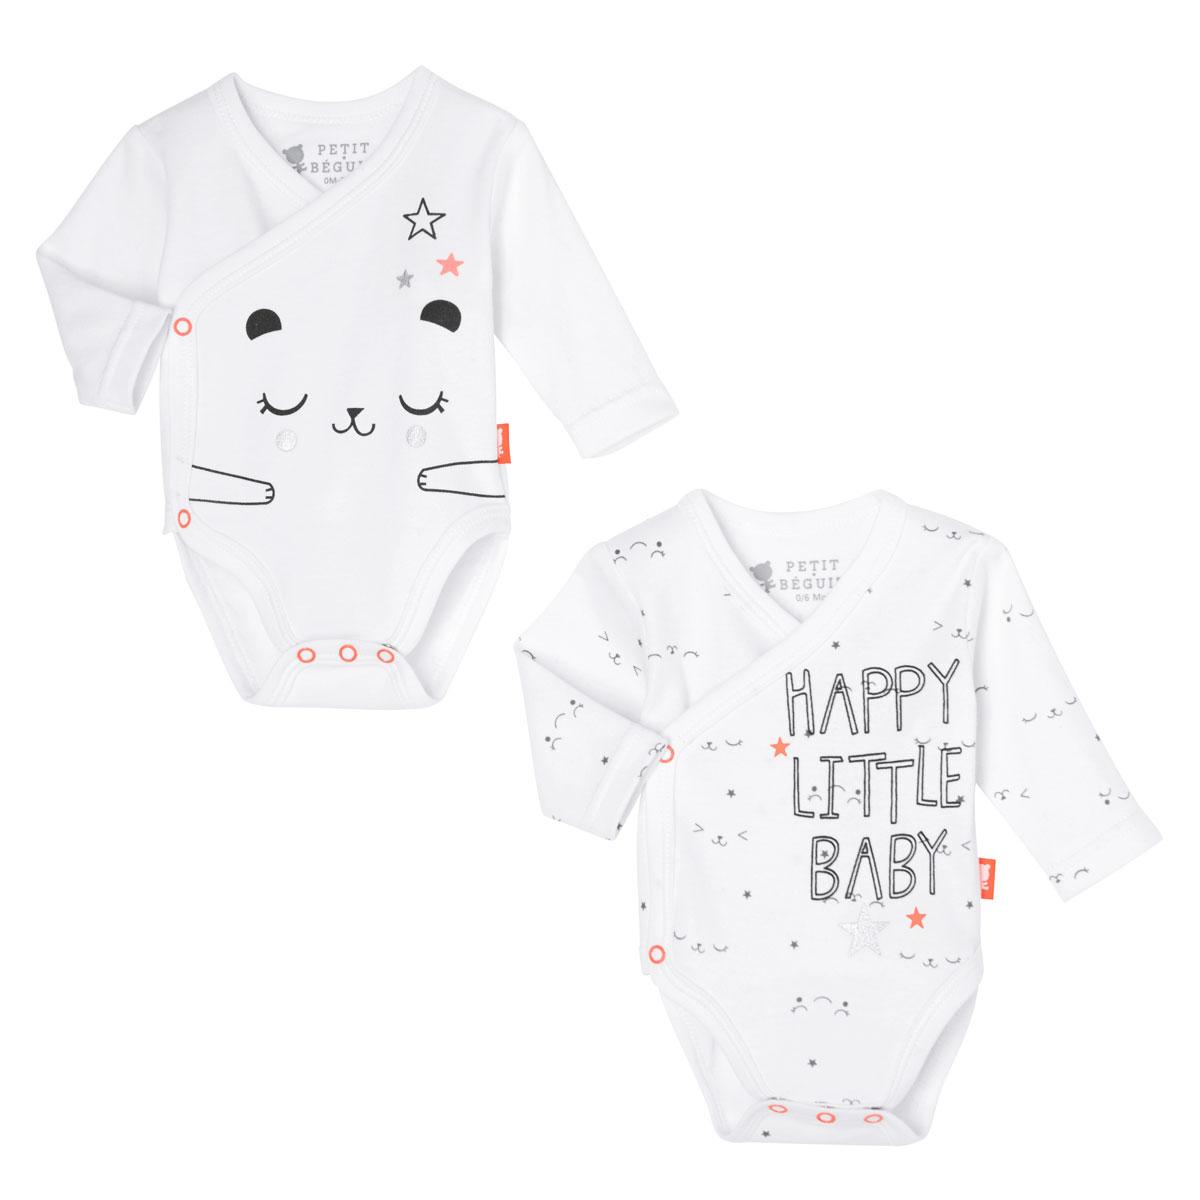 Lot de 2 bodies croisés manches longues bébé mixte Little Baby